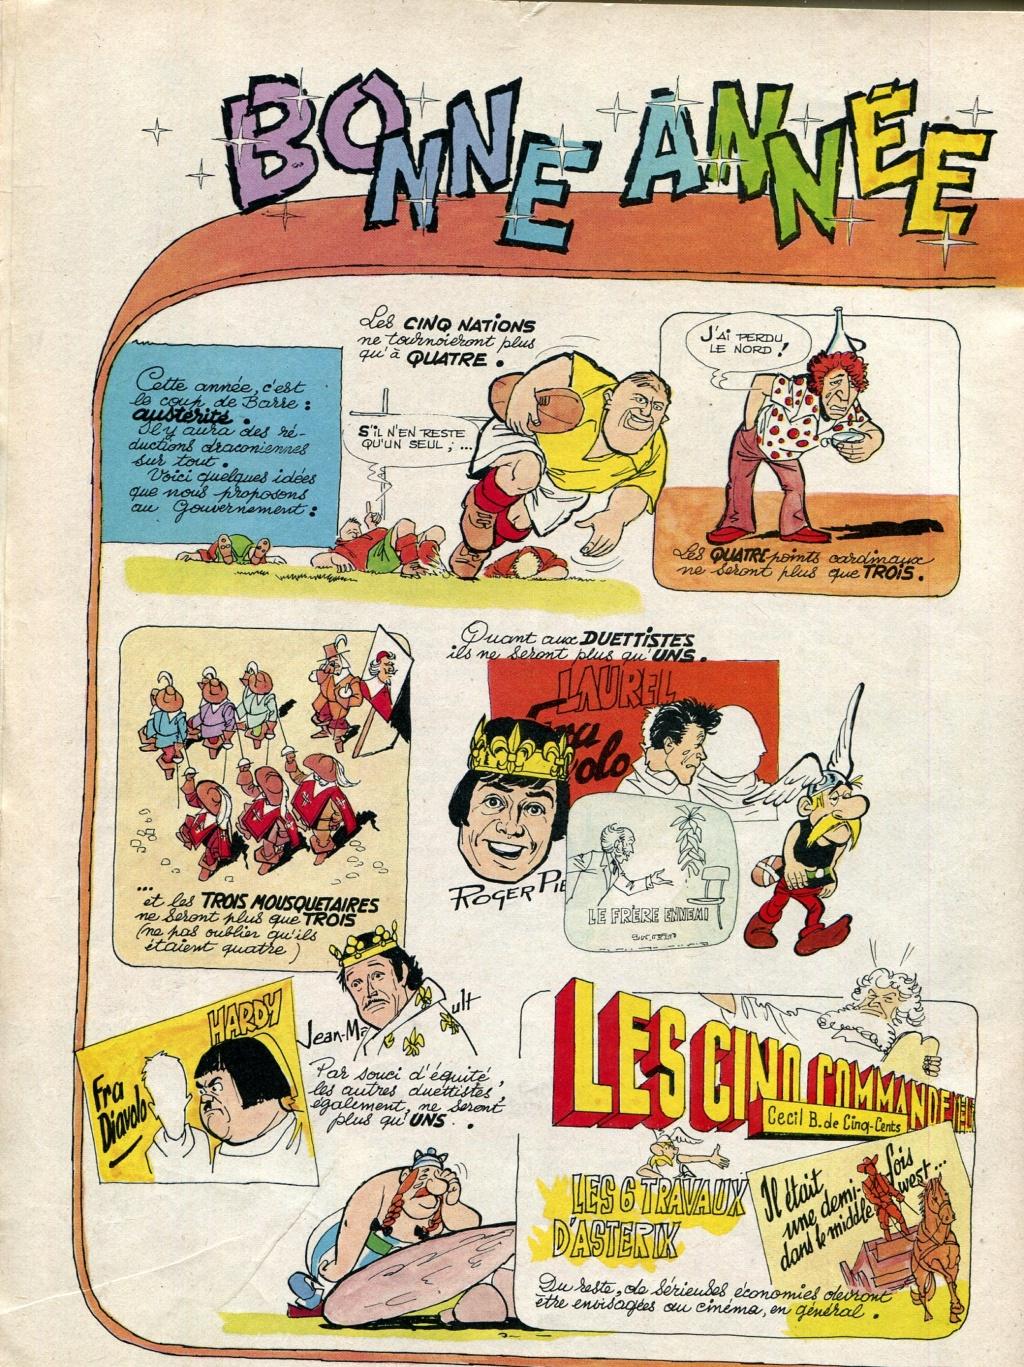 mesraretés ou ce que j'appelle raretés ! - Page 6 1976_t12